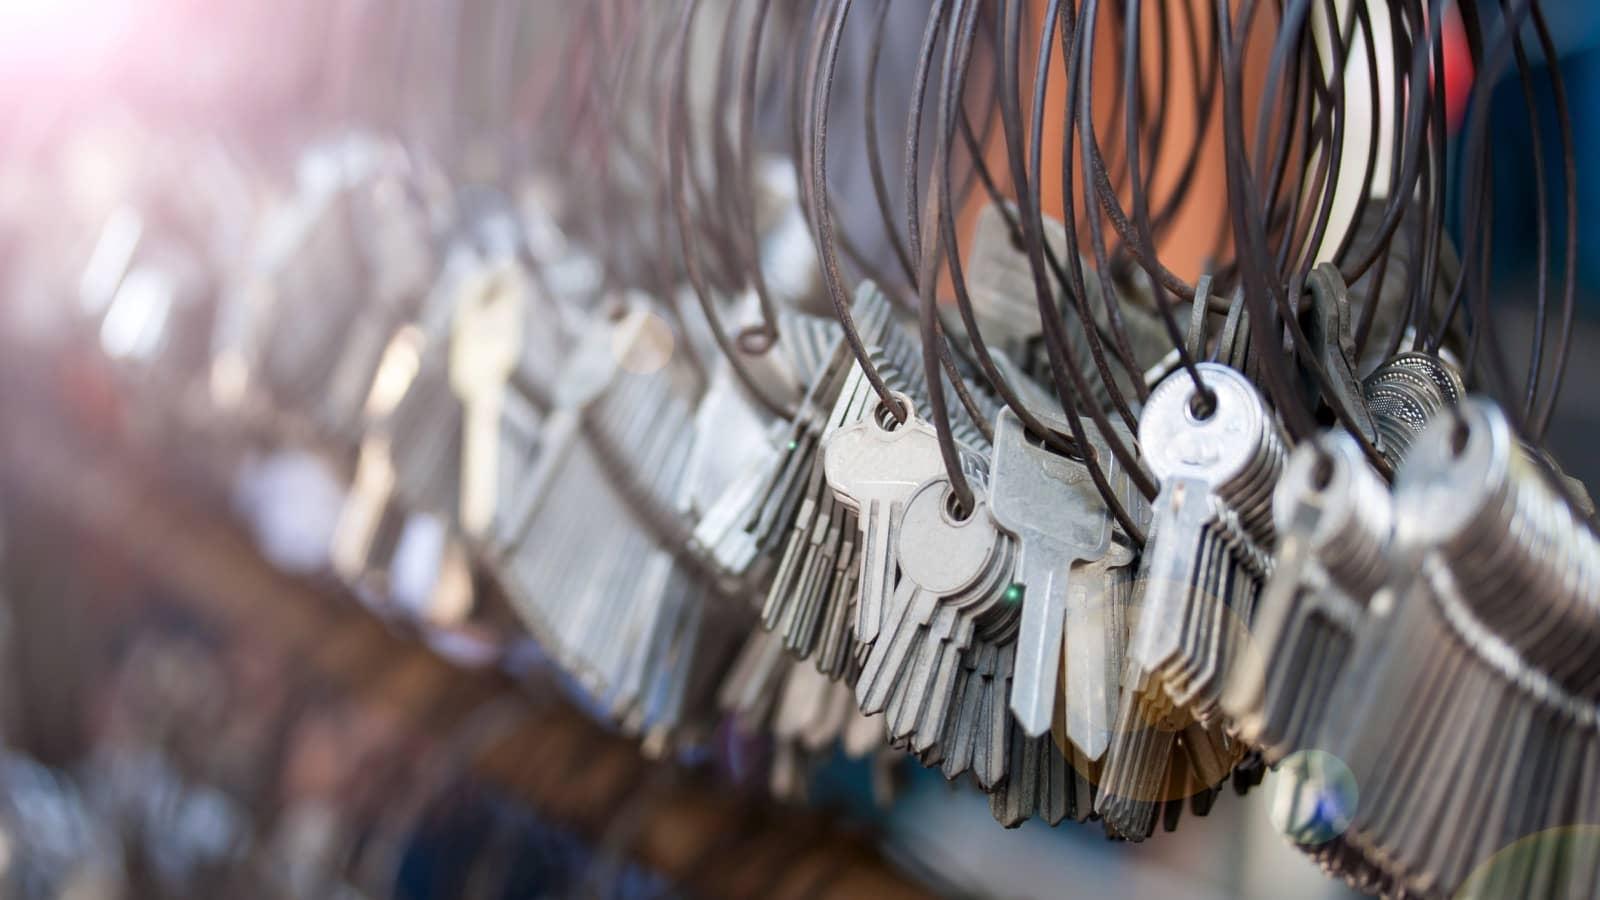 Dorabianie kluczy mieszkaniowych i samochodowych